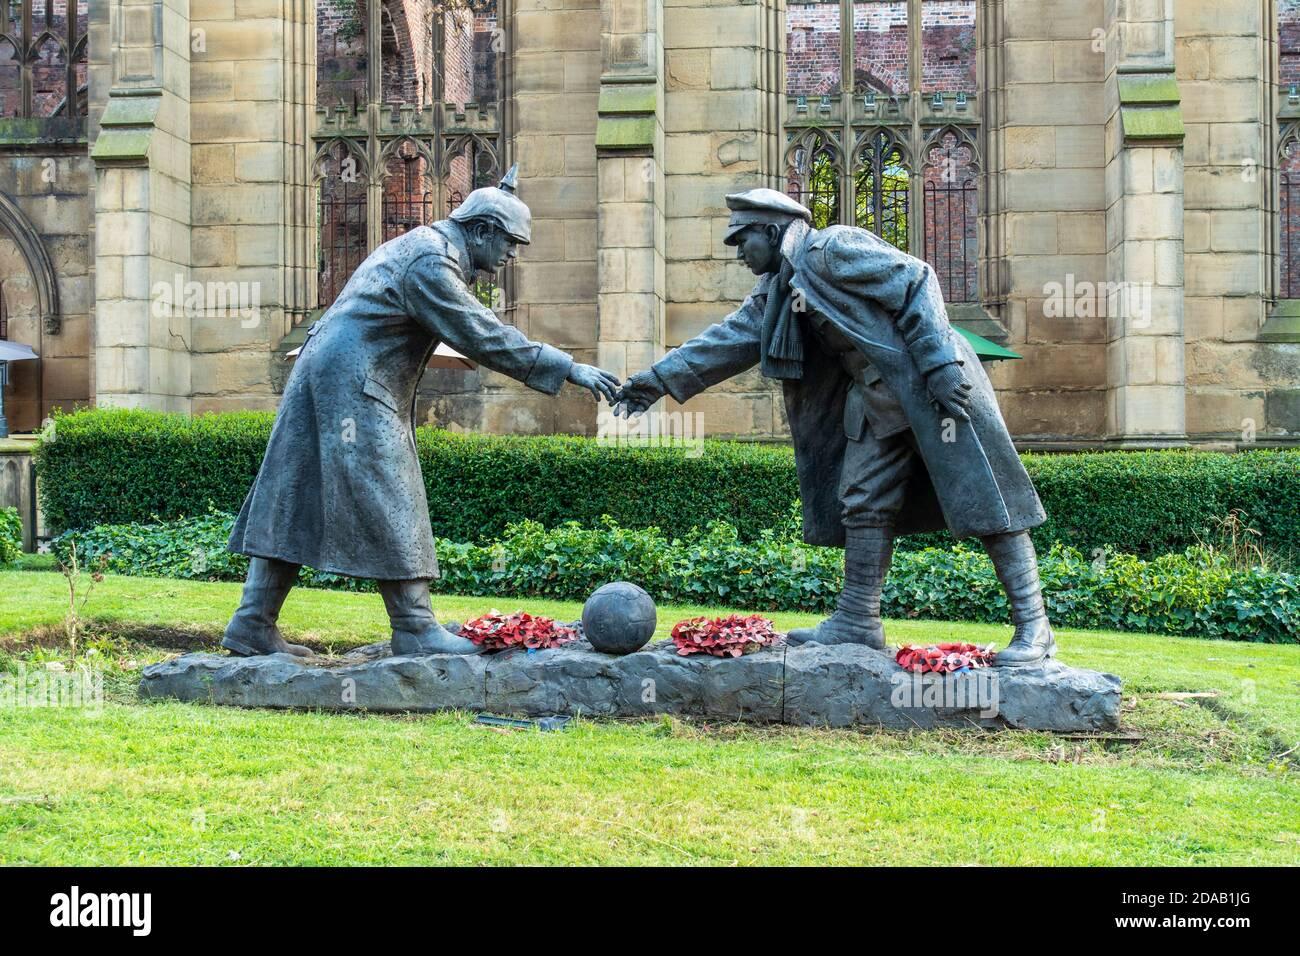 """La estatua de """"todos juntos ahora"""" de Andy Edwards, conmemorando la tregua del día de Navidad de 1914, se encuentra en los terrenos de la Iglesia de San Lucas en Liverpool, Inglaterra, Reino Unido Foto de stock"""